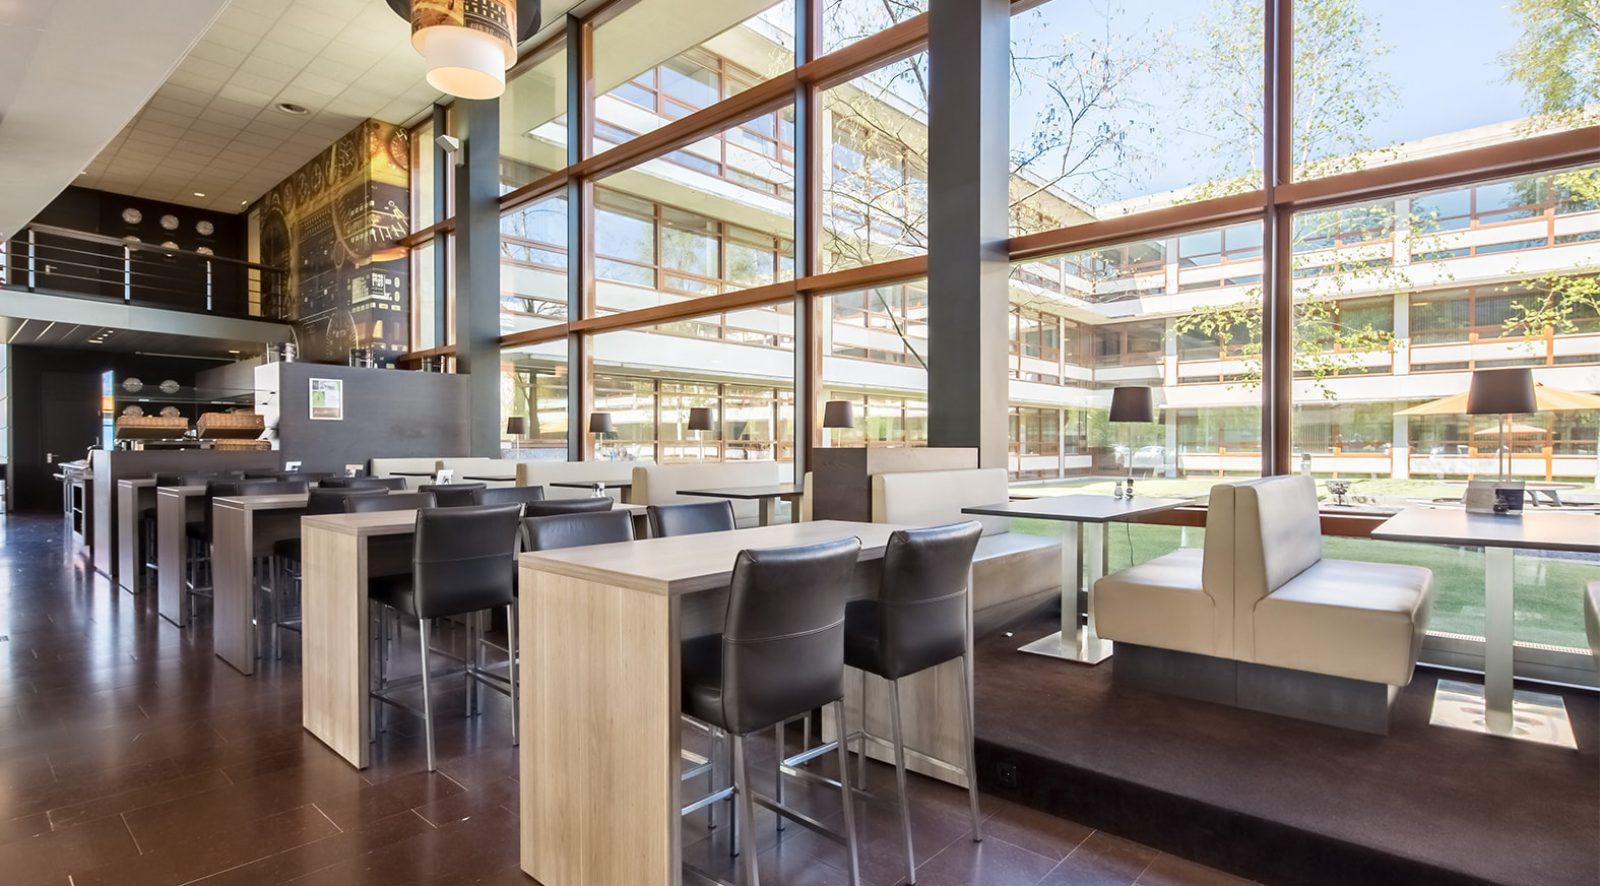 Kantoorruimte in Rijen | Crown Business Center Gilze-Rijen